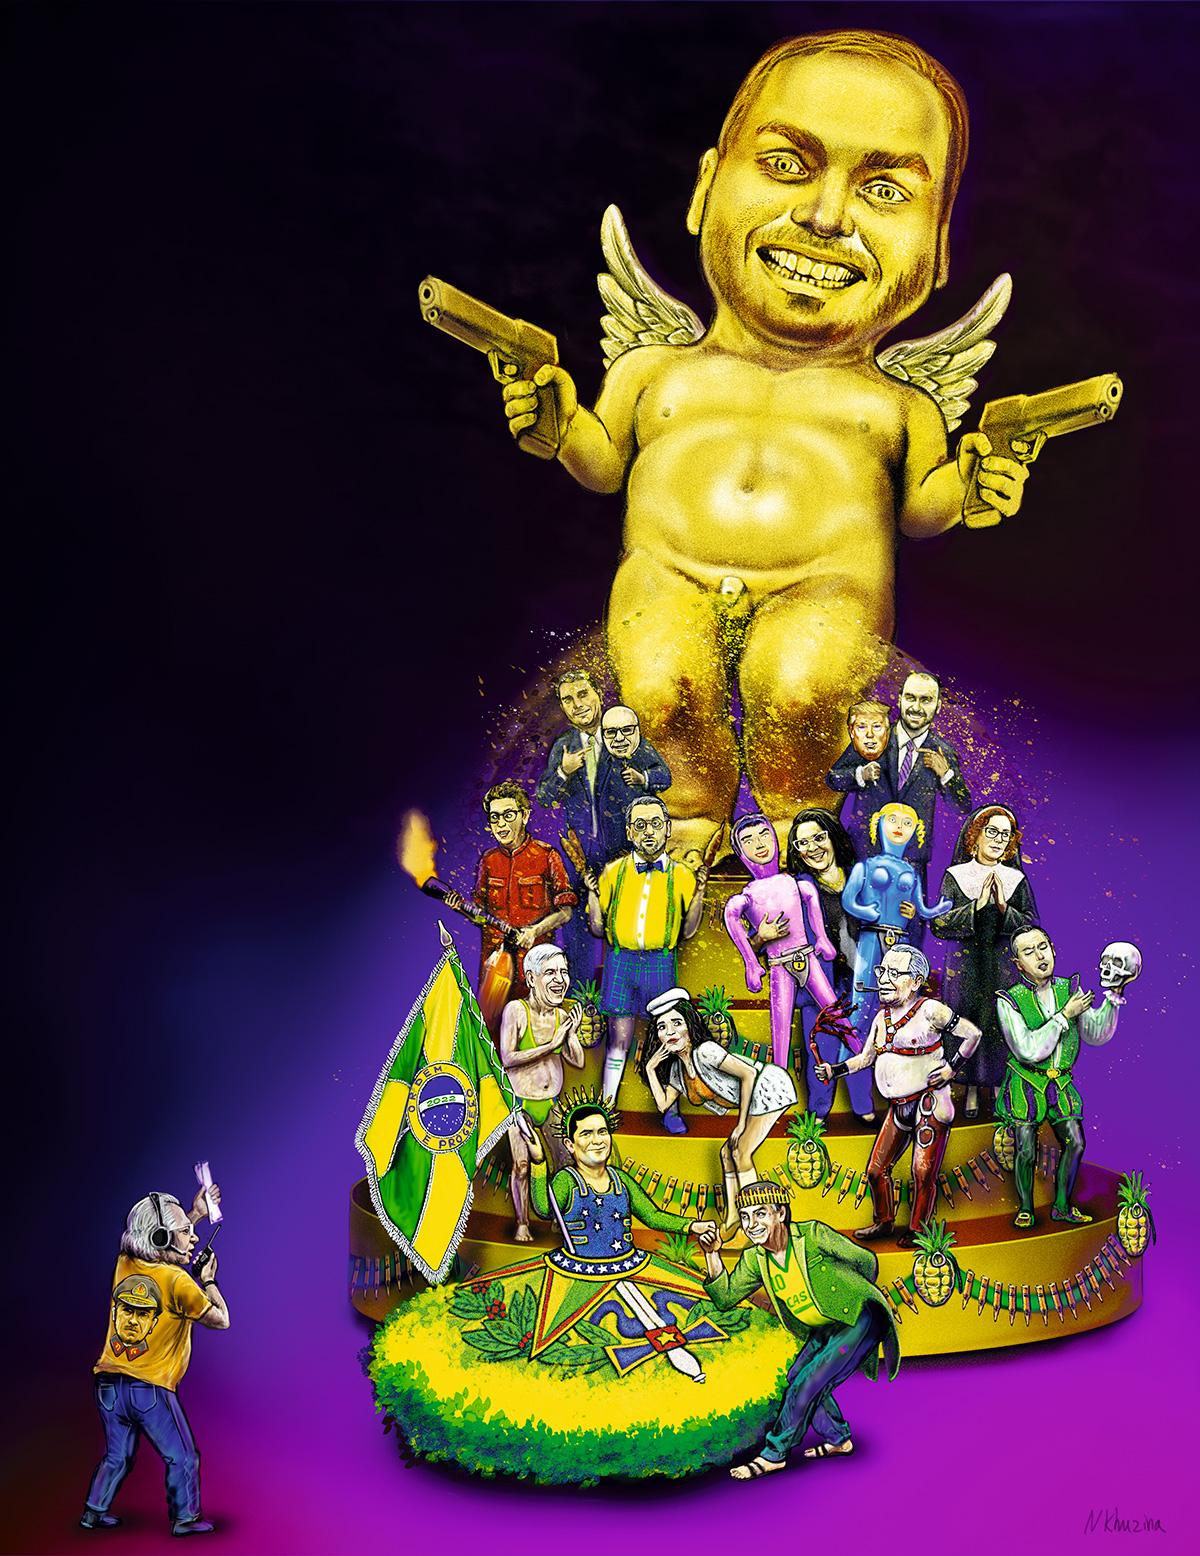 O <i>golden shower</i> do menino Carluxo